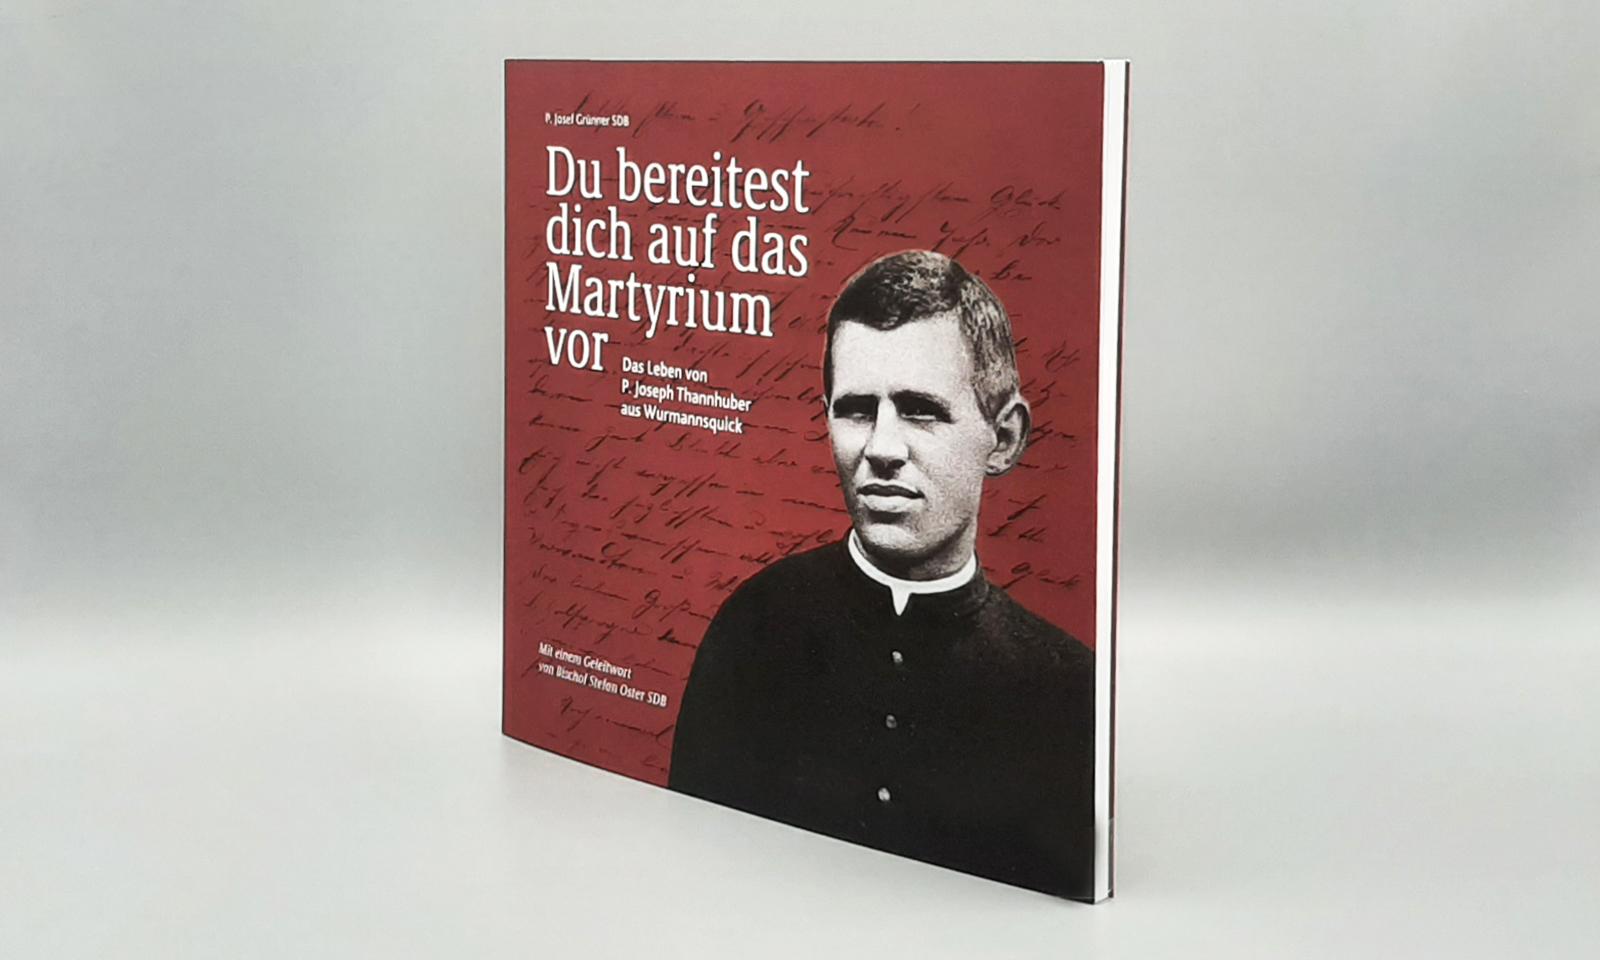 Martyrium1